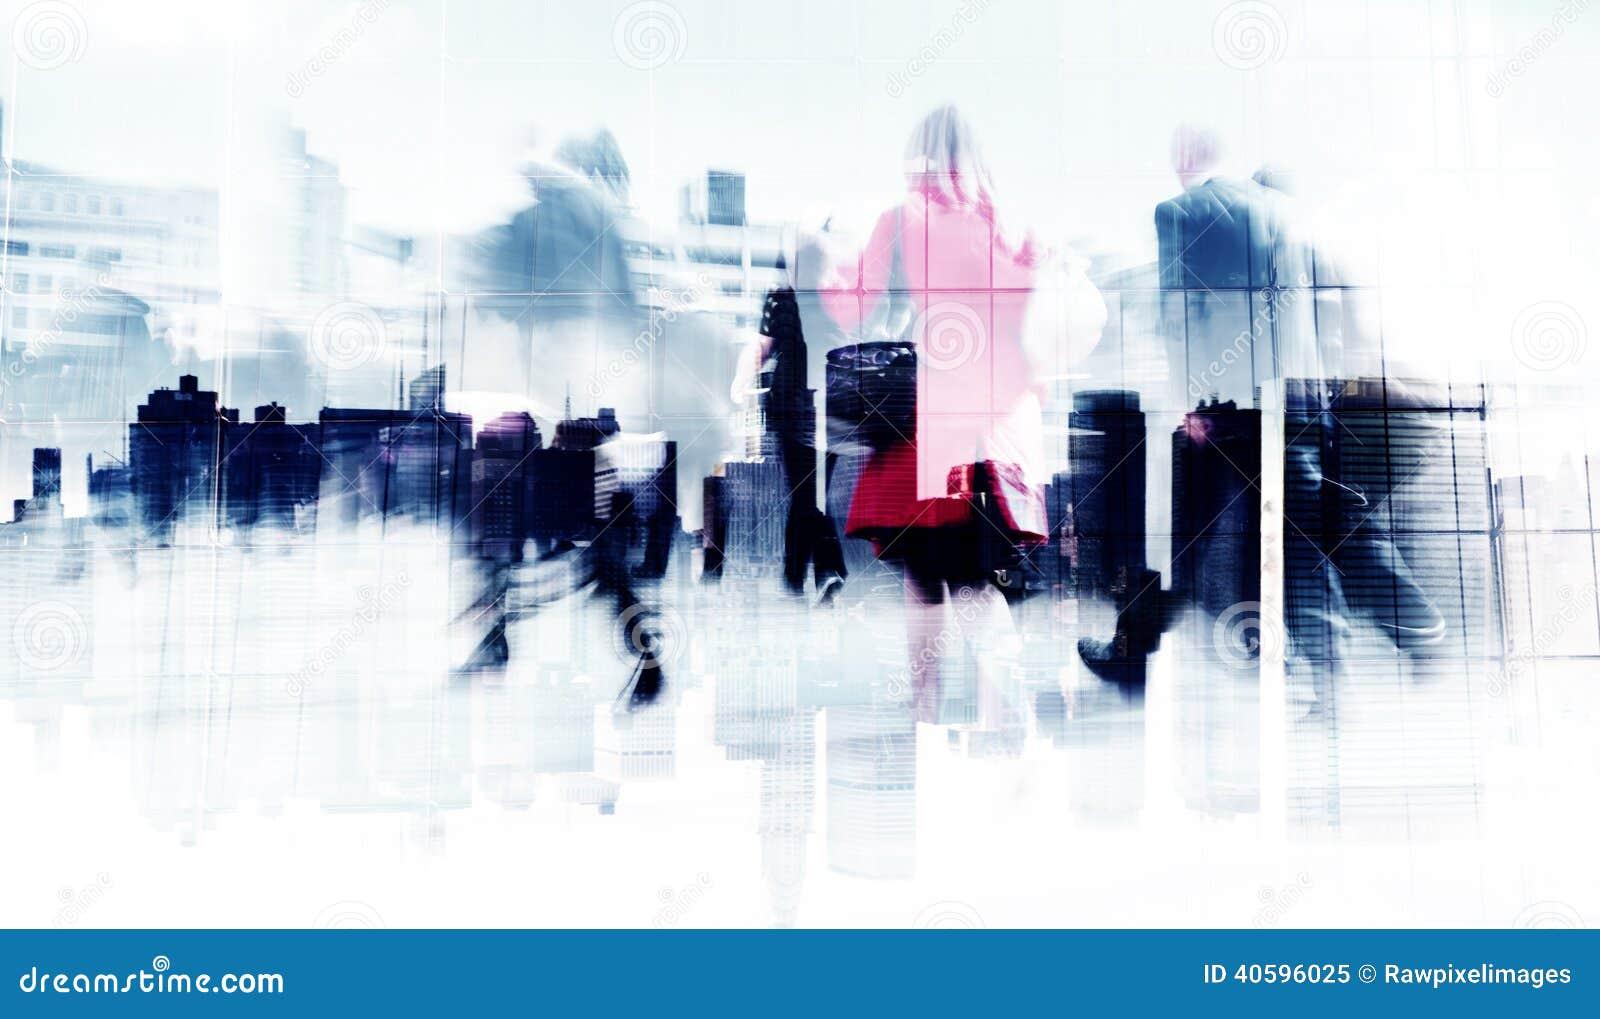 Abstract Beeld van Bedrijfsmensen die op de Straat lopen